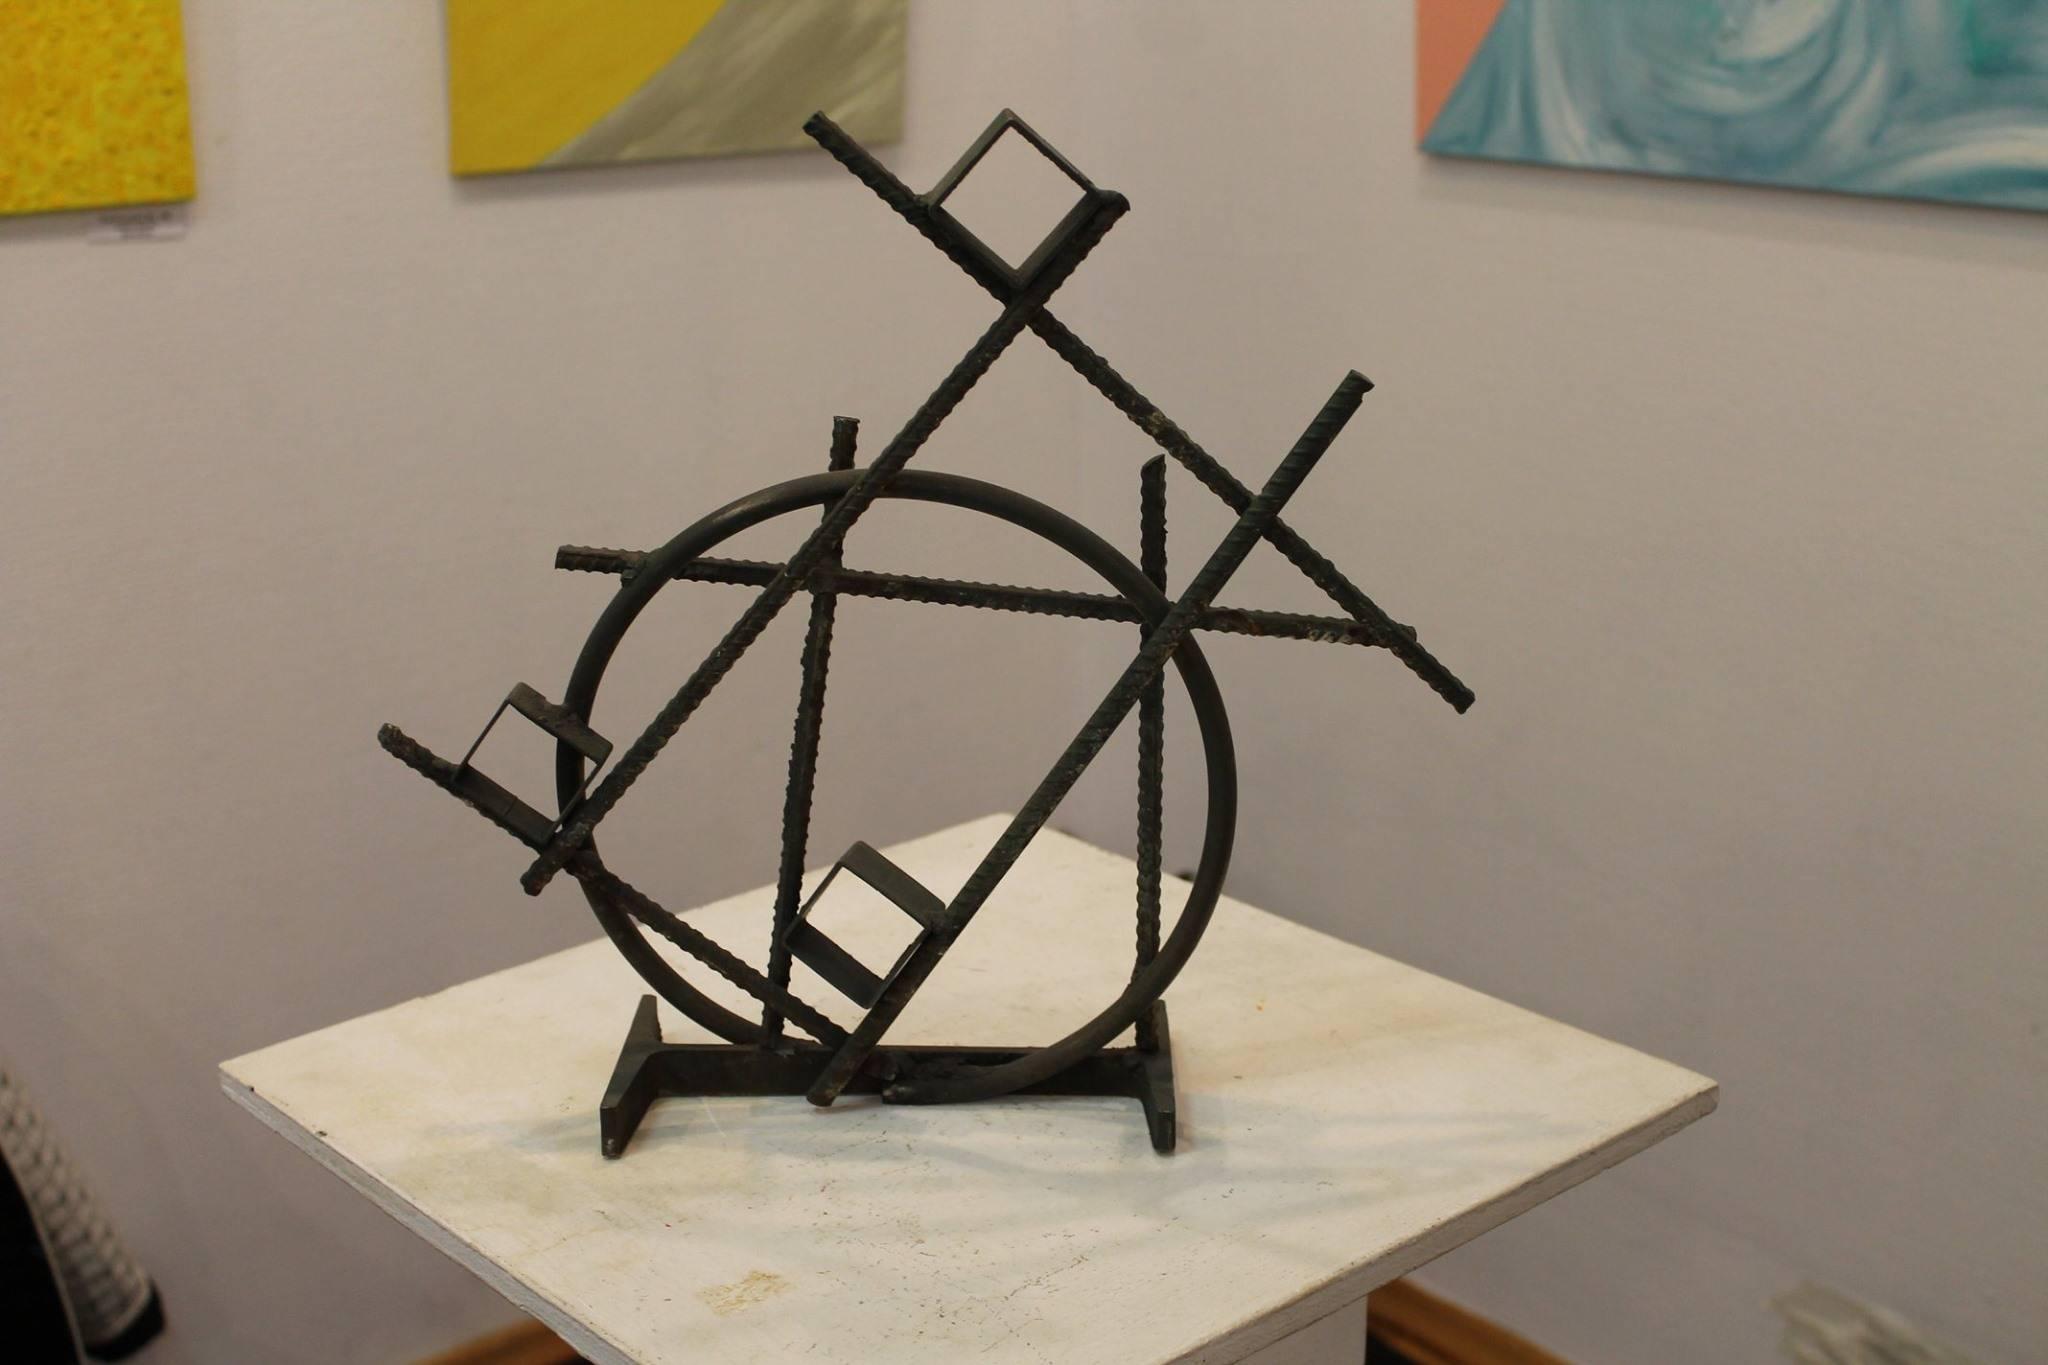 Скульптура Петра Лабузова.